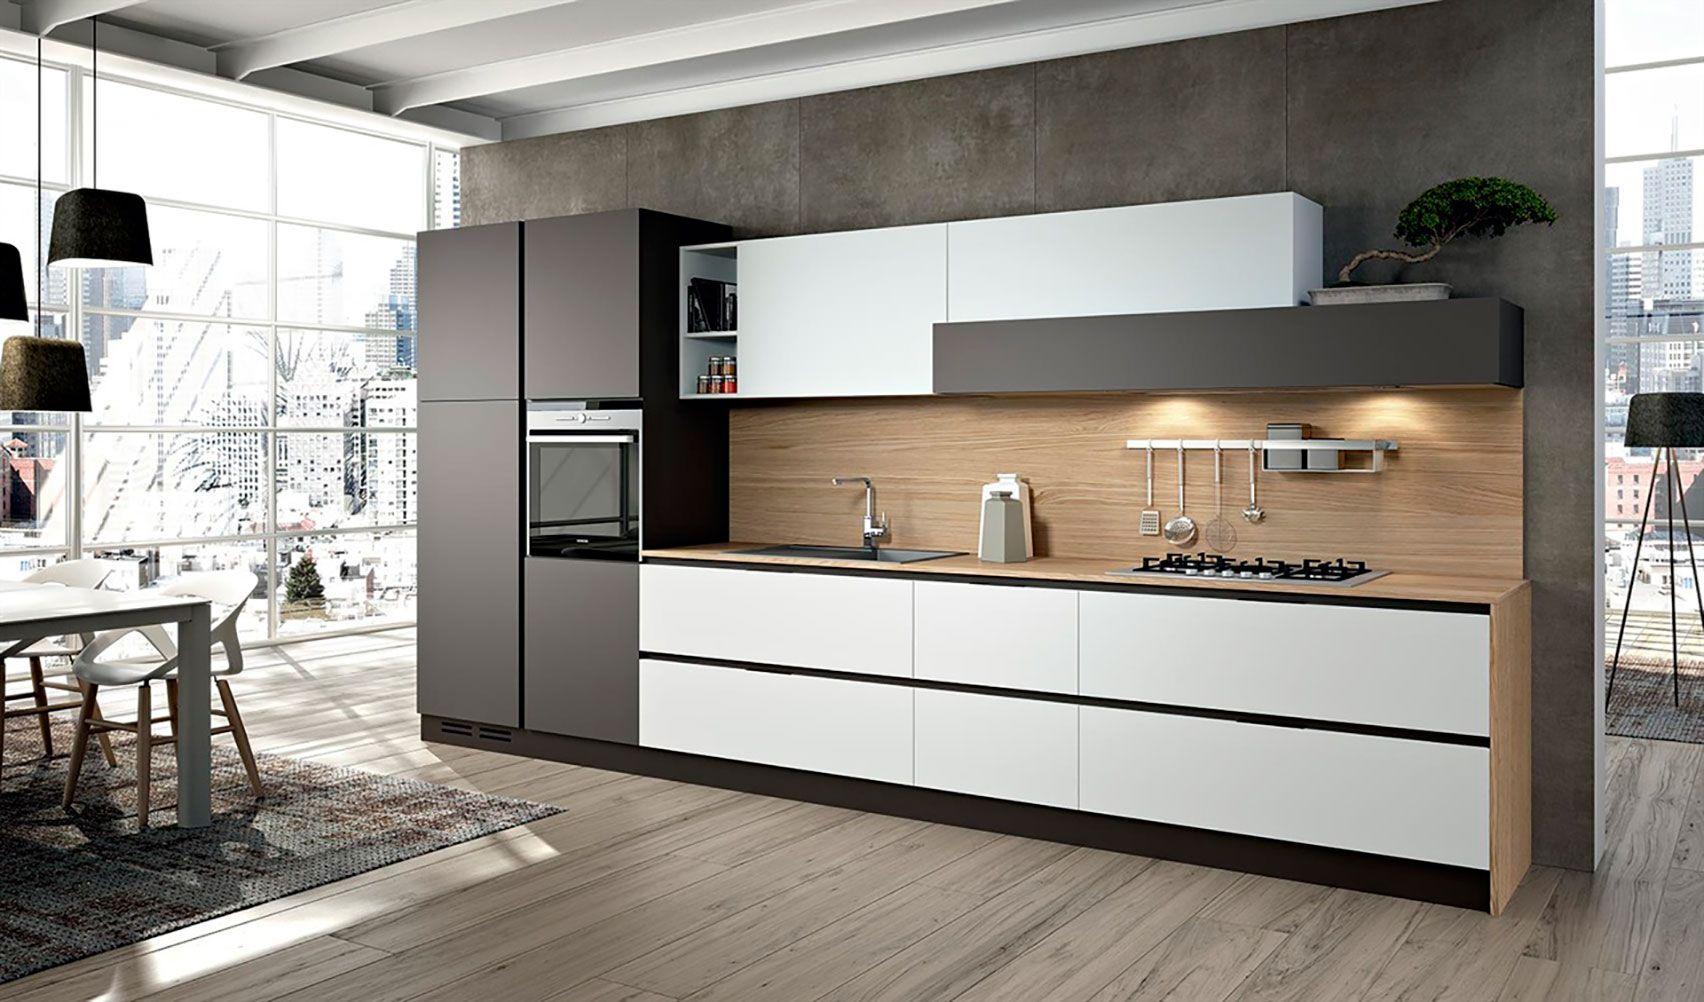 cocinas modernas - Buscar con Google | cocina casa Victor ...